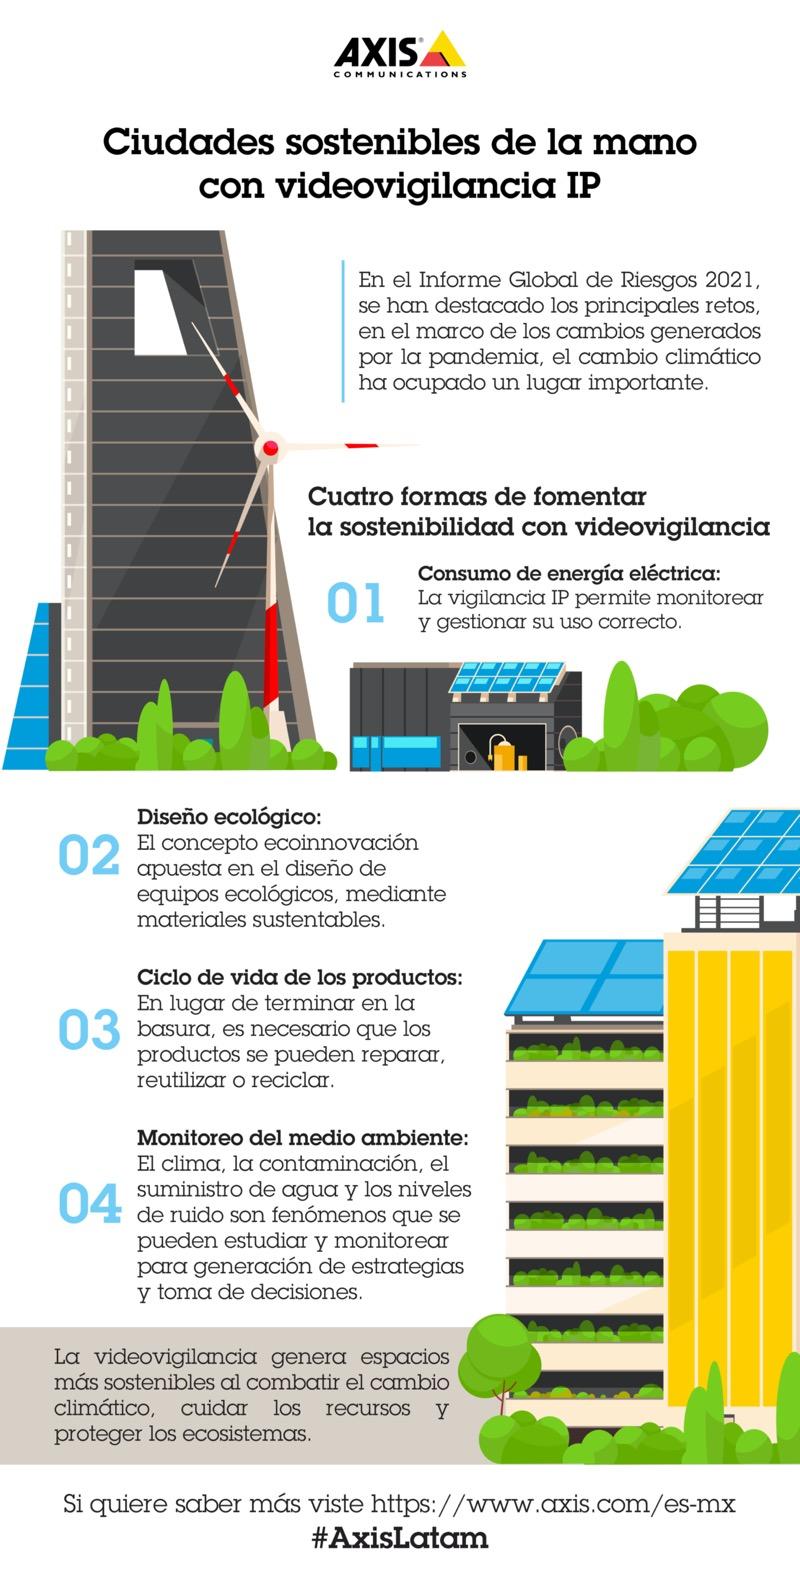 La Videovigilancia apoyando las ciudades sostenibles del mañana - videovigilancia